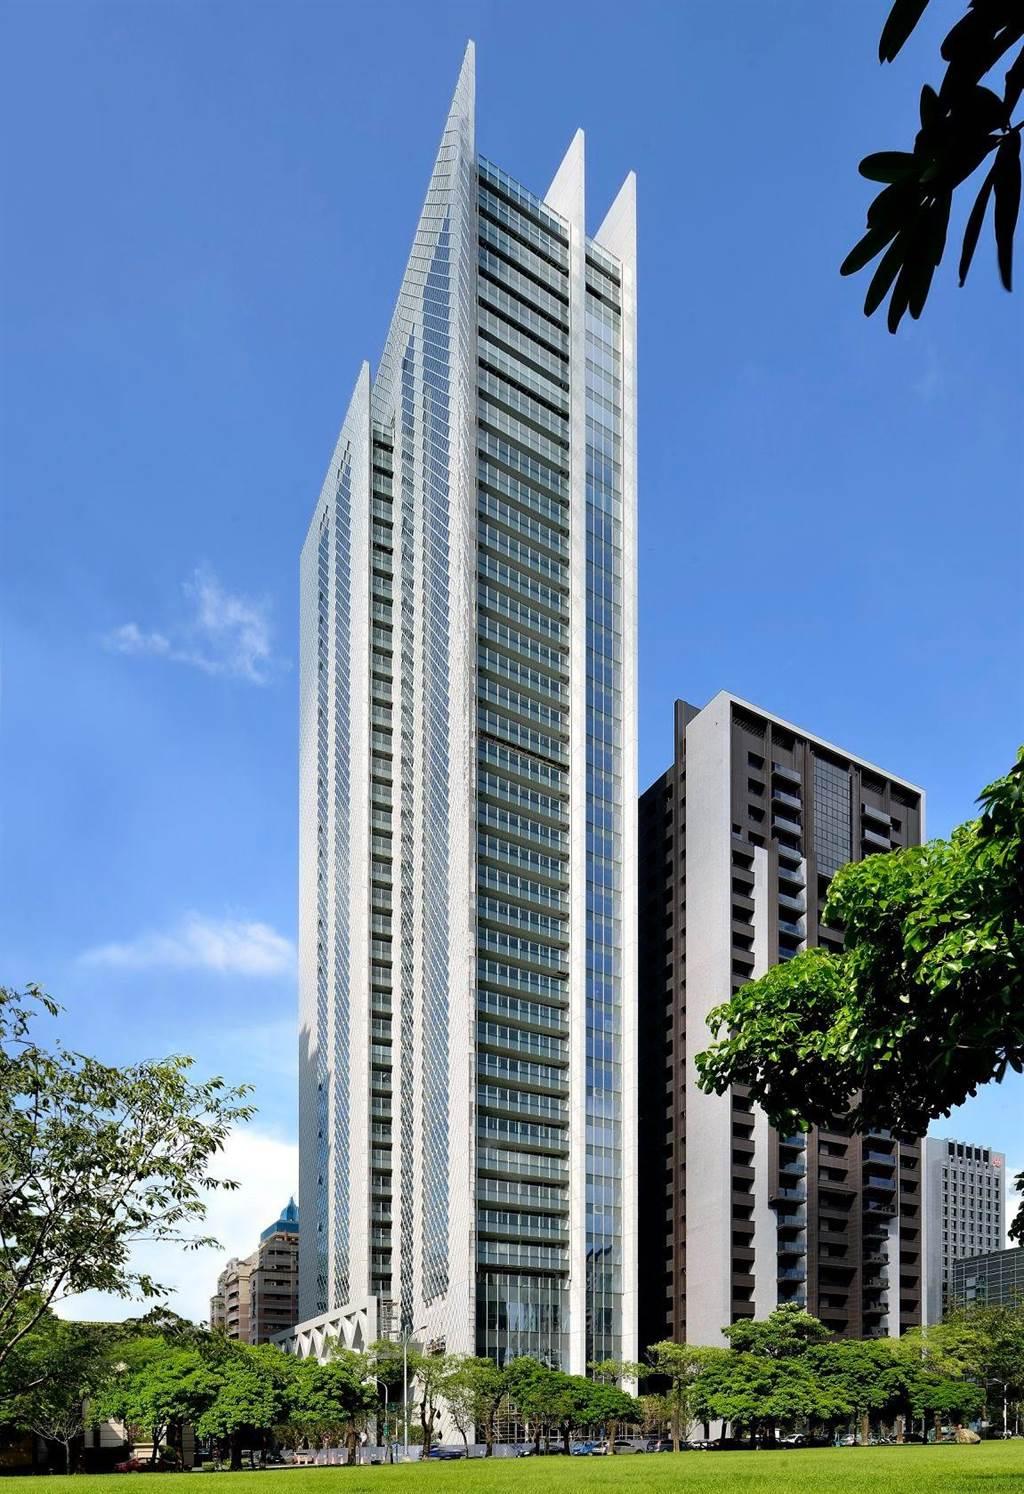 大陸建設請來寶格麗飯店御用義大利建築大師 Antonio Citterio 團隊(ACPV) 設計「宝格」,打造國際級視野美學。(業者提供)